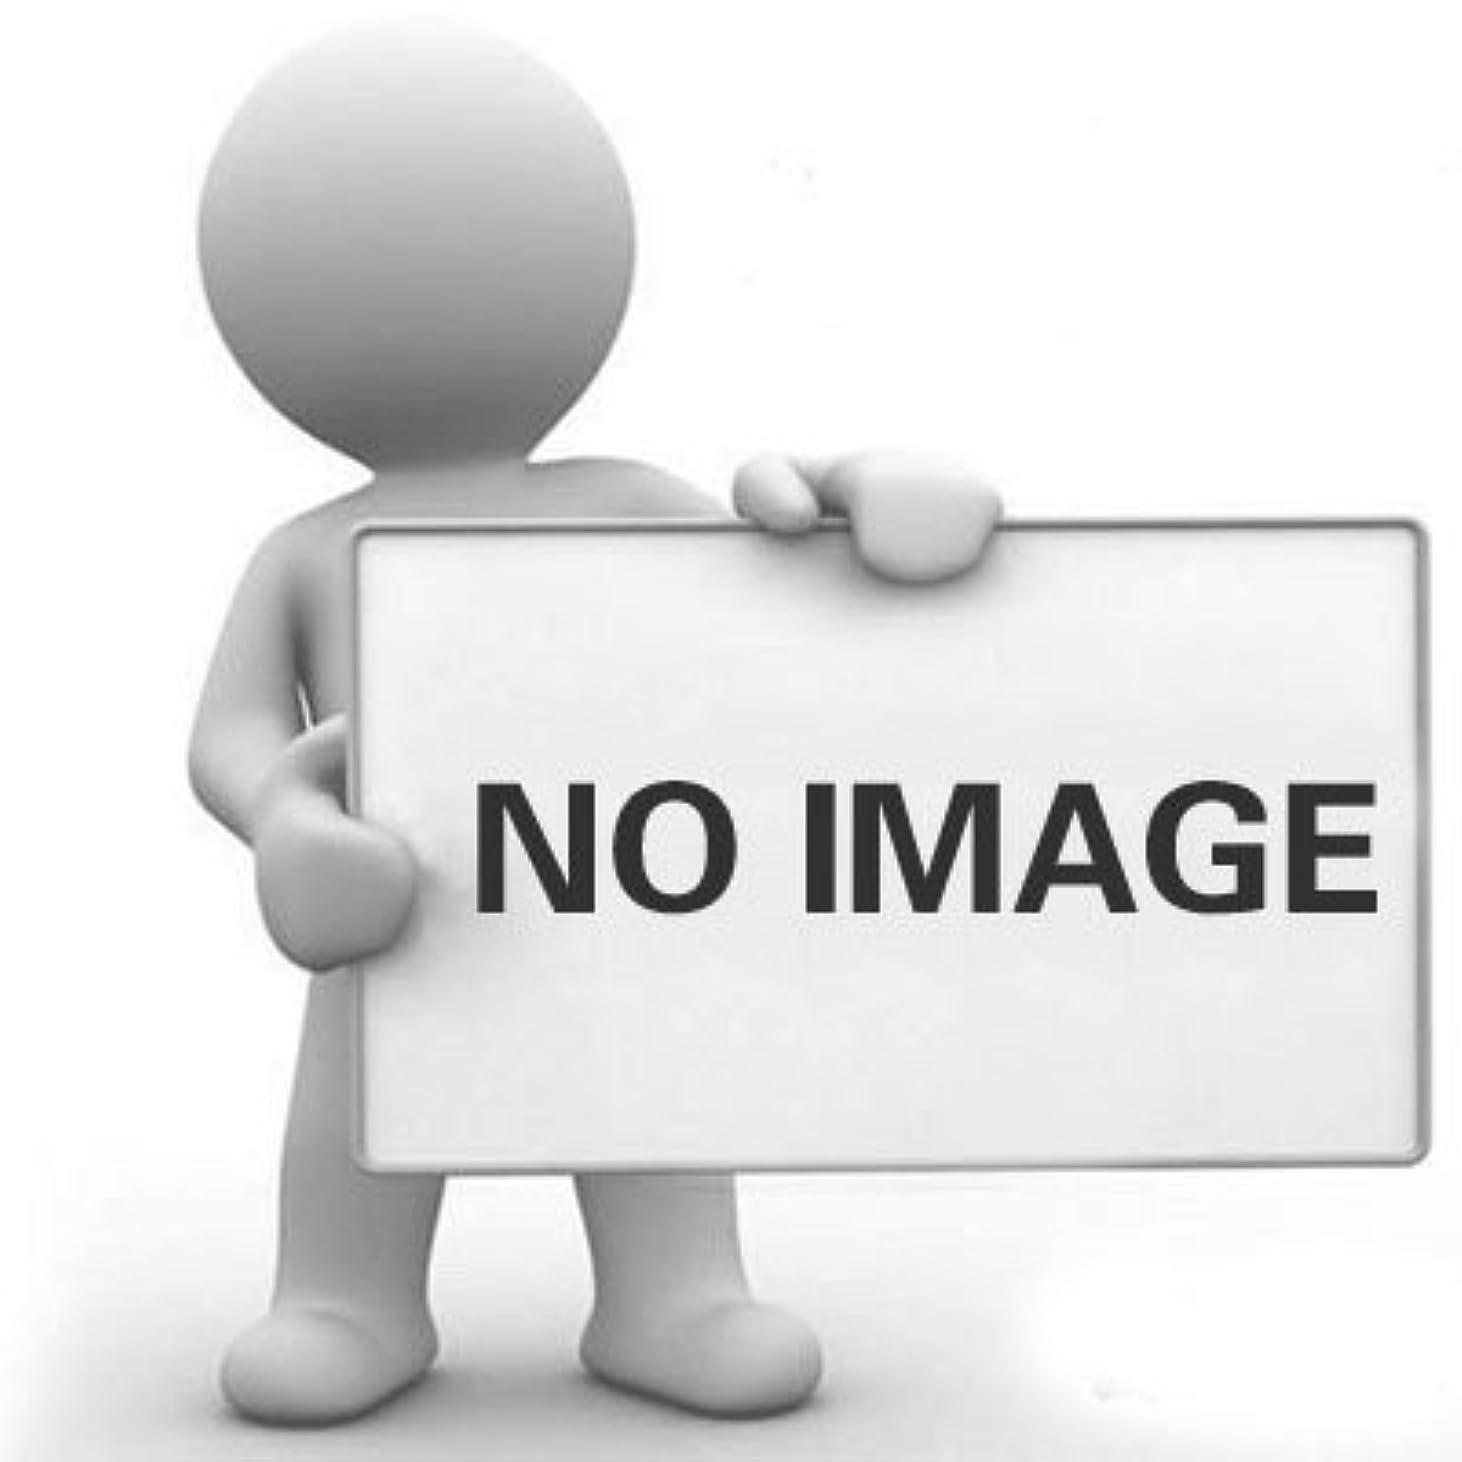 ネットトロリーバス遺産DYNWAVE ネイルアート ネイルドリルビット マニキュア 研磨ヘッド ドリルビットセット 4本セット